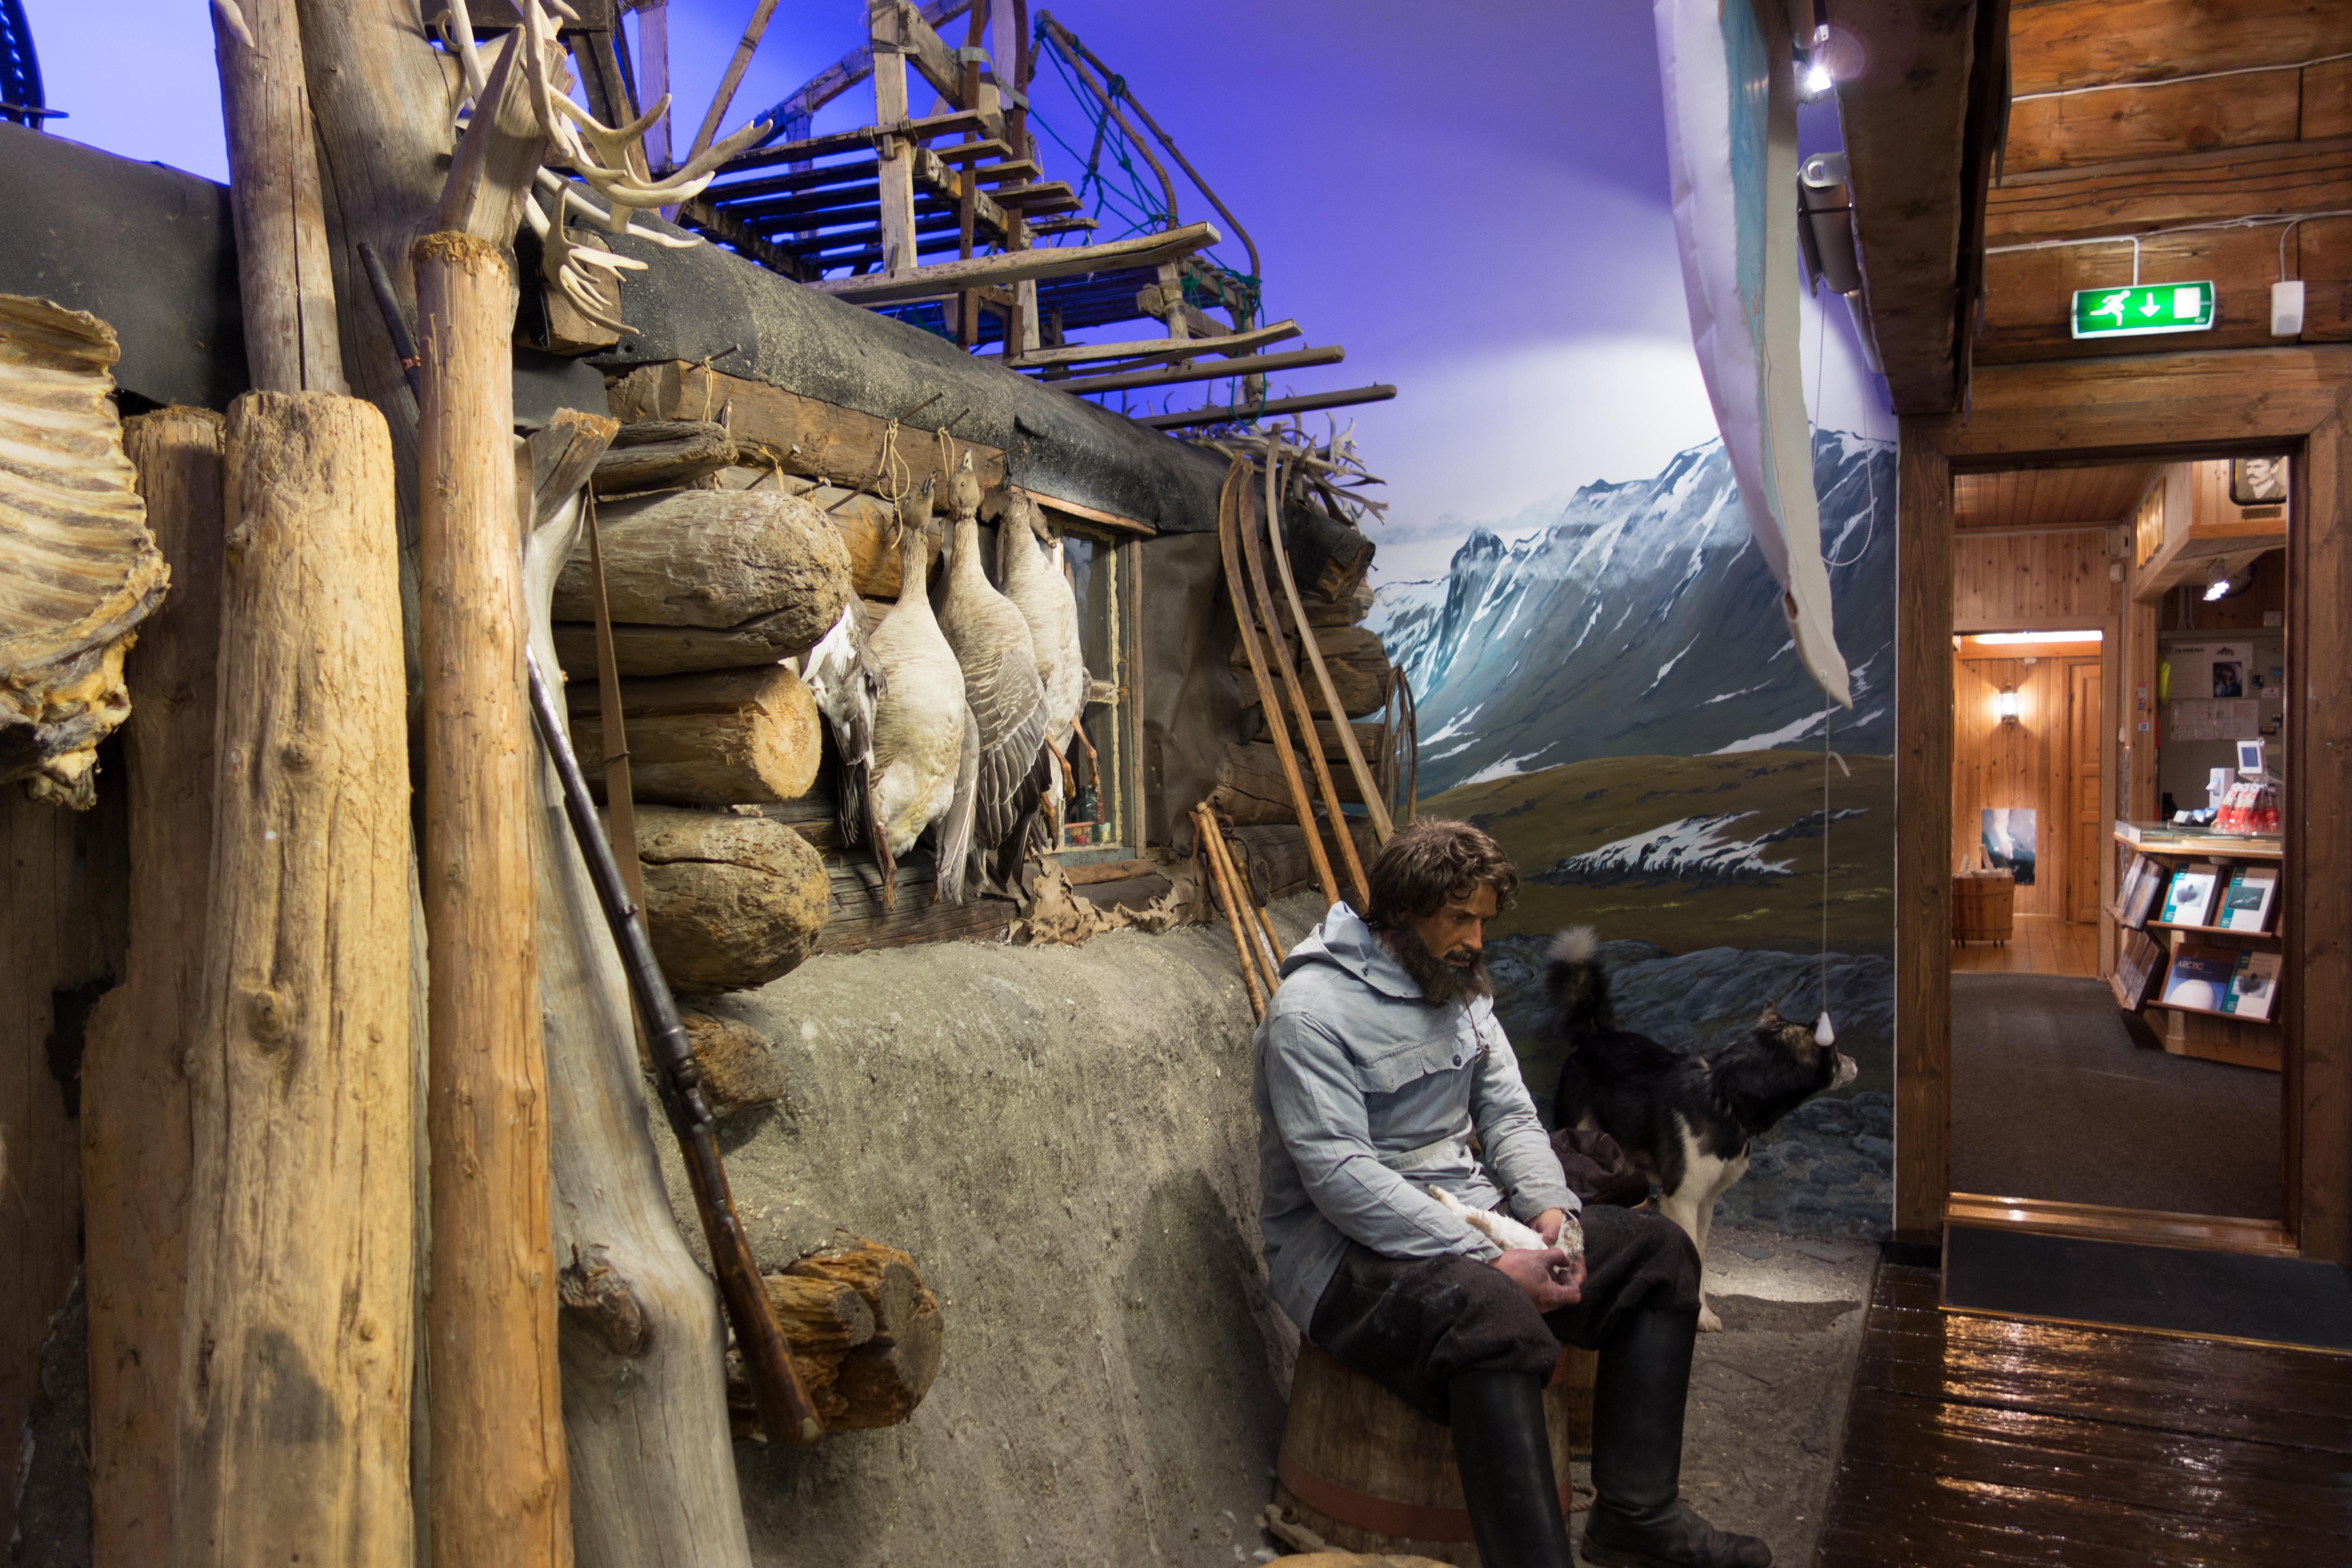 Polar Museum Tromso Noorwegen vakantie rondreis groepsreis Scandinavie SeaWind Adventures zeilen expeditie zeilvakantie ontdekkingsreizigers